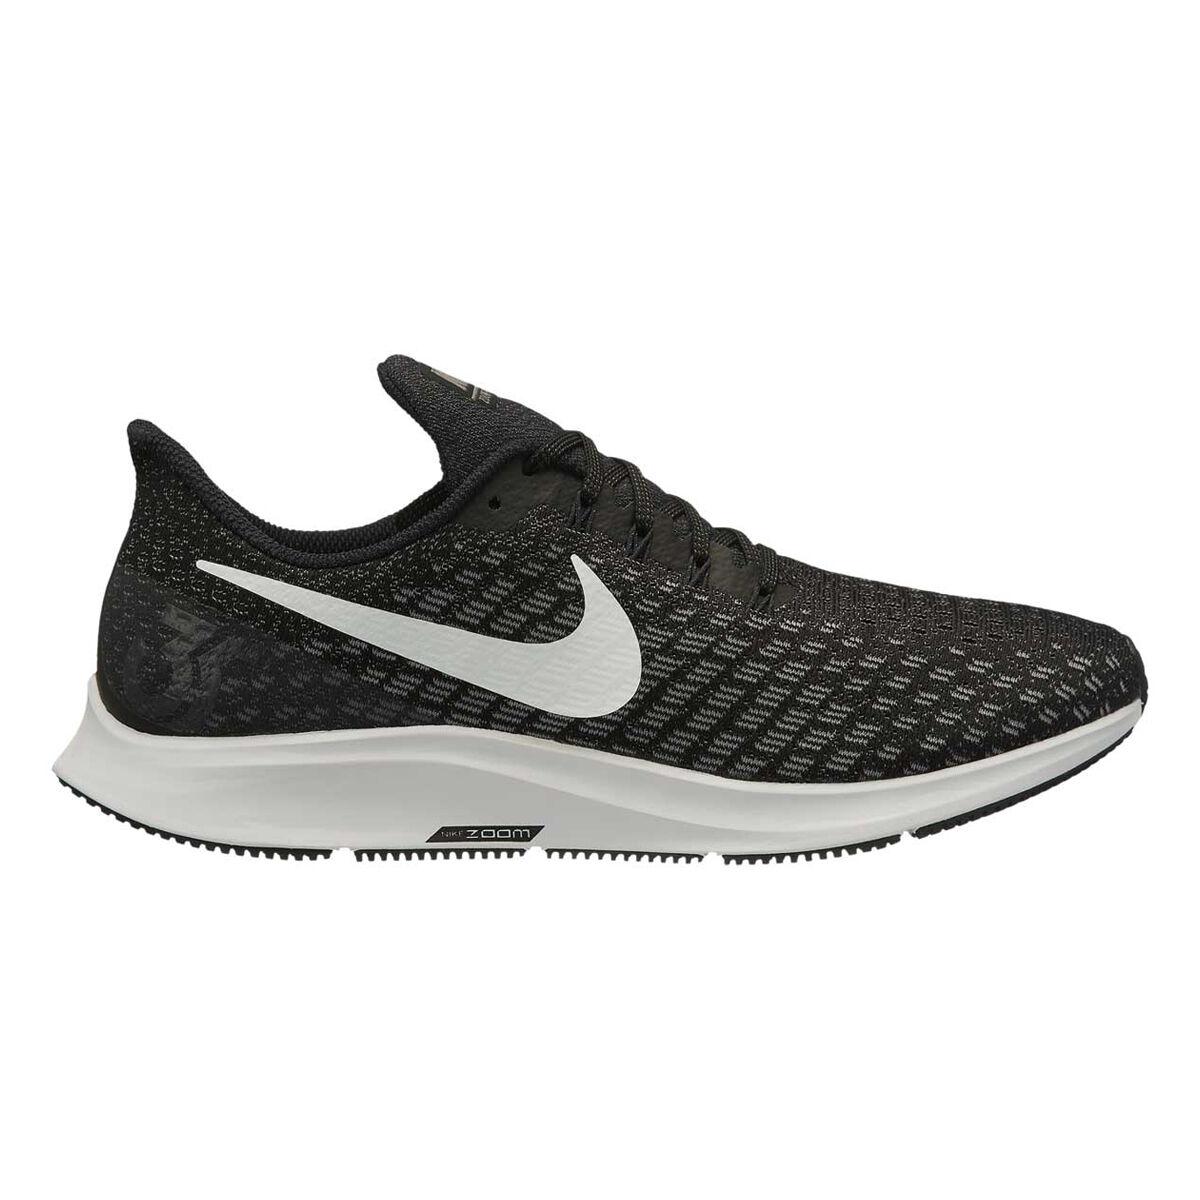 1adb1e2ab662 ... usa nike air zoom pegasus 35 mens running shoes black white us 9.5  black d3435 17b30